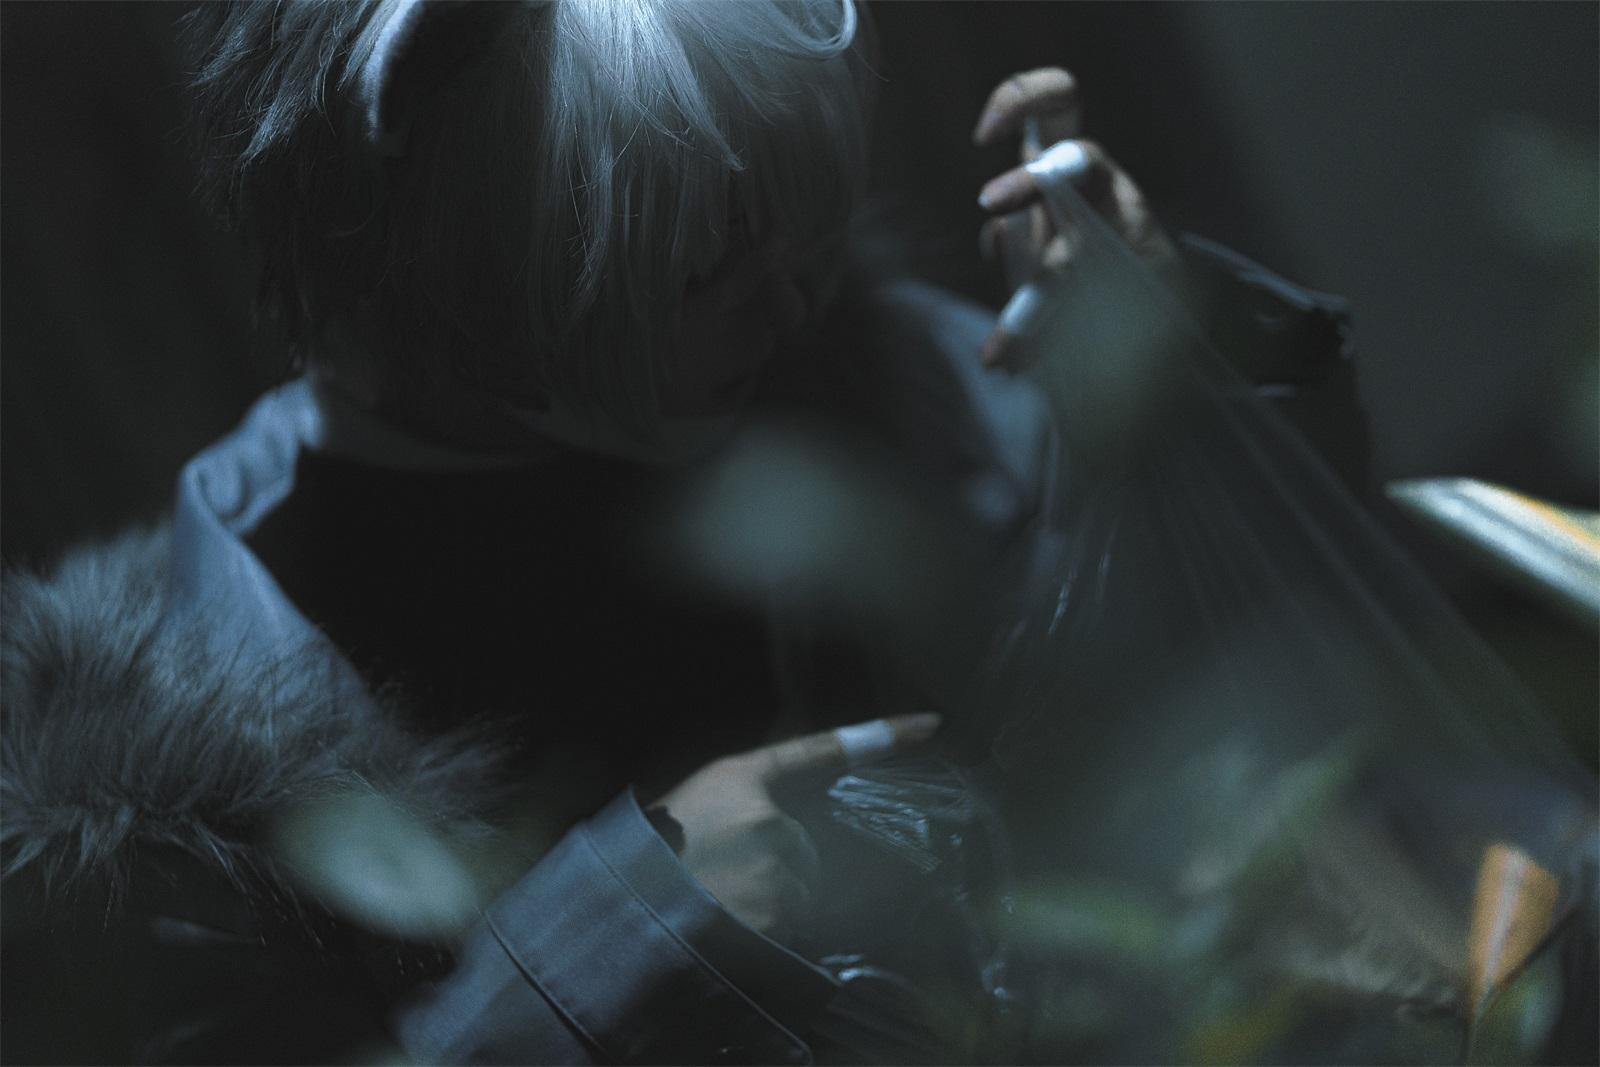 《明日方舟》正片cosplay【CN:鳅一刀】-第9张